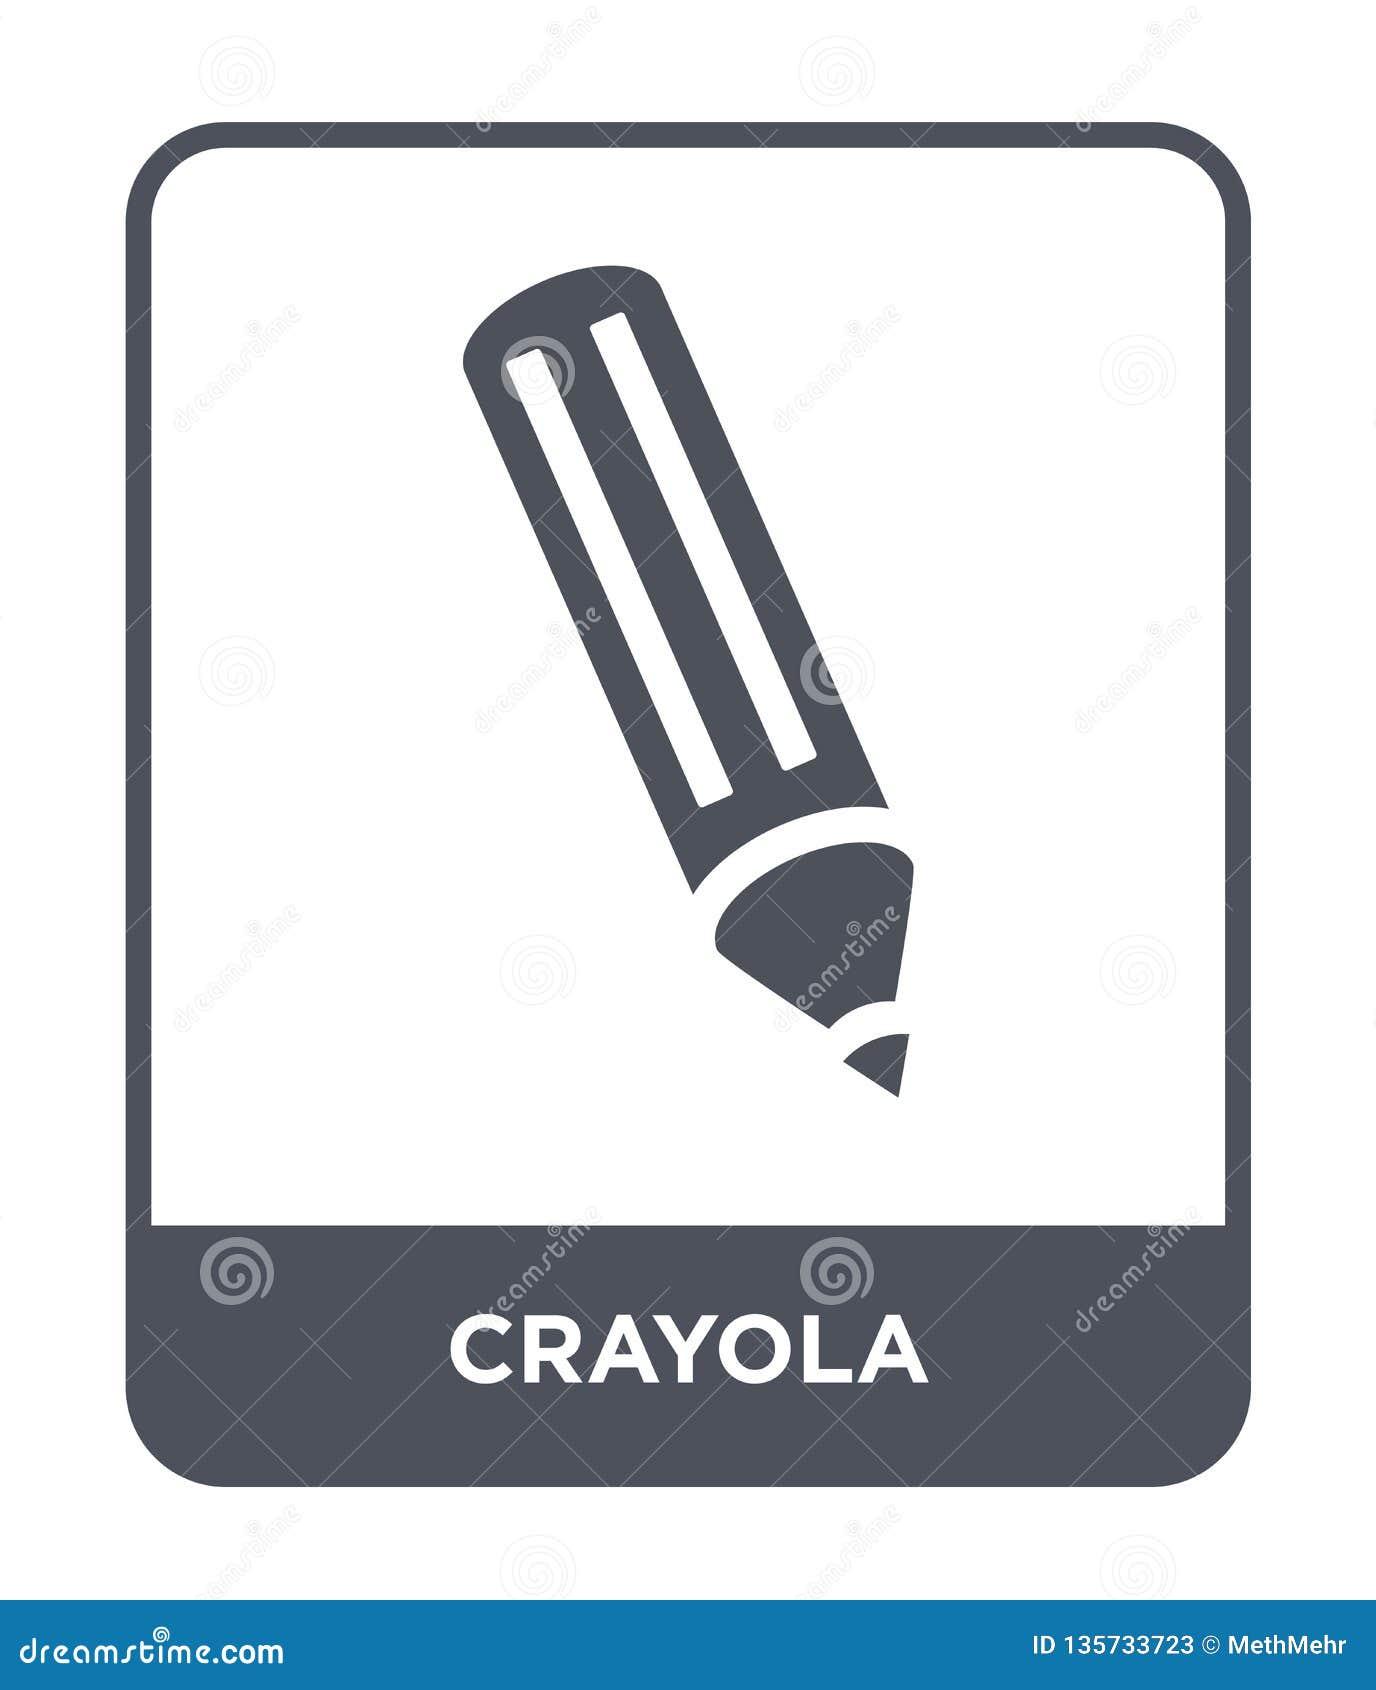 ícone do crayola no estilo na moda do projeto ícone do crayola isolado no fundo branco símbolo liso simples e moderno do ícone do